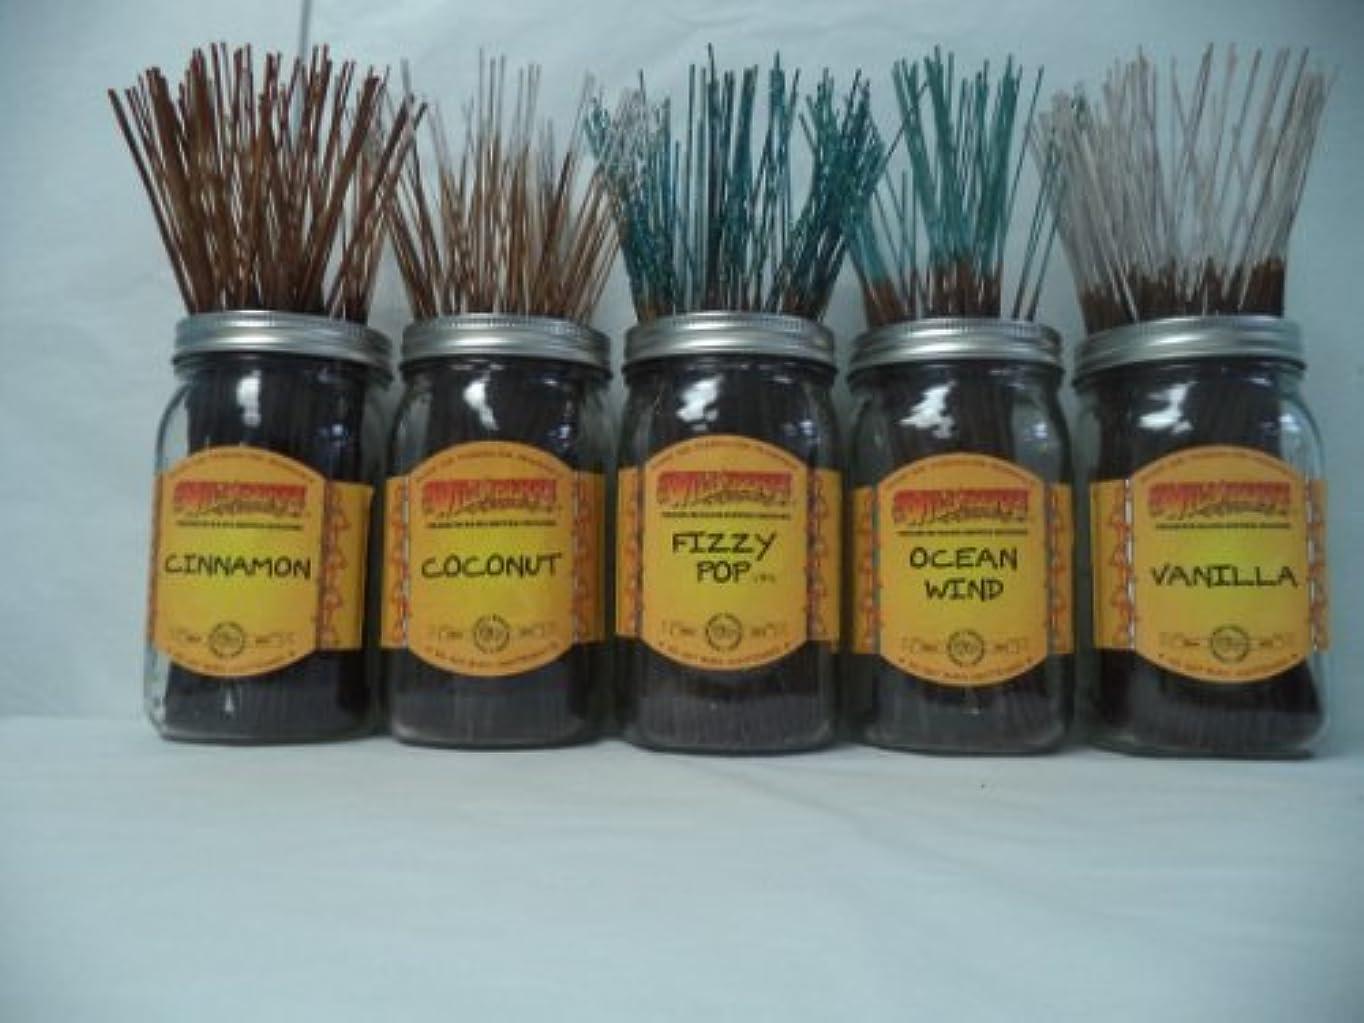 スマッシュ論争無視できるWildberry Incense Sticks Best Sellerセット# 4 : 10 Sticks各5の香り、合計50 Sticks 。